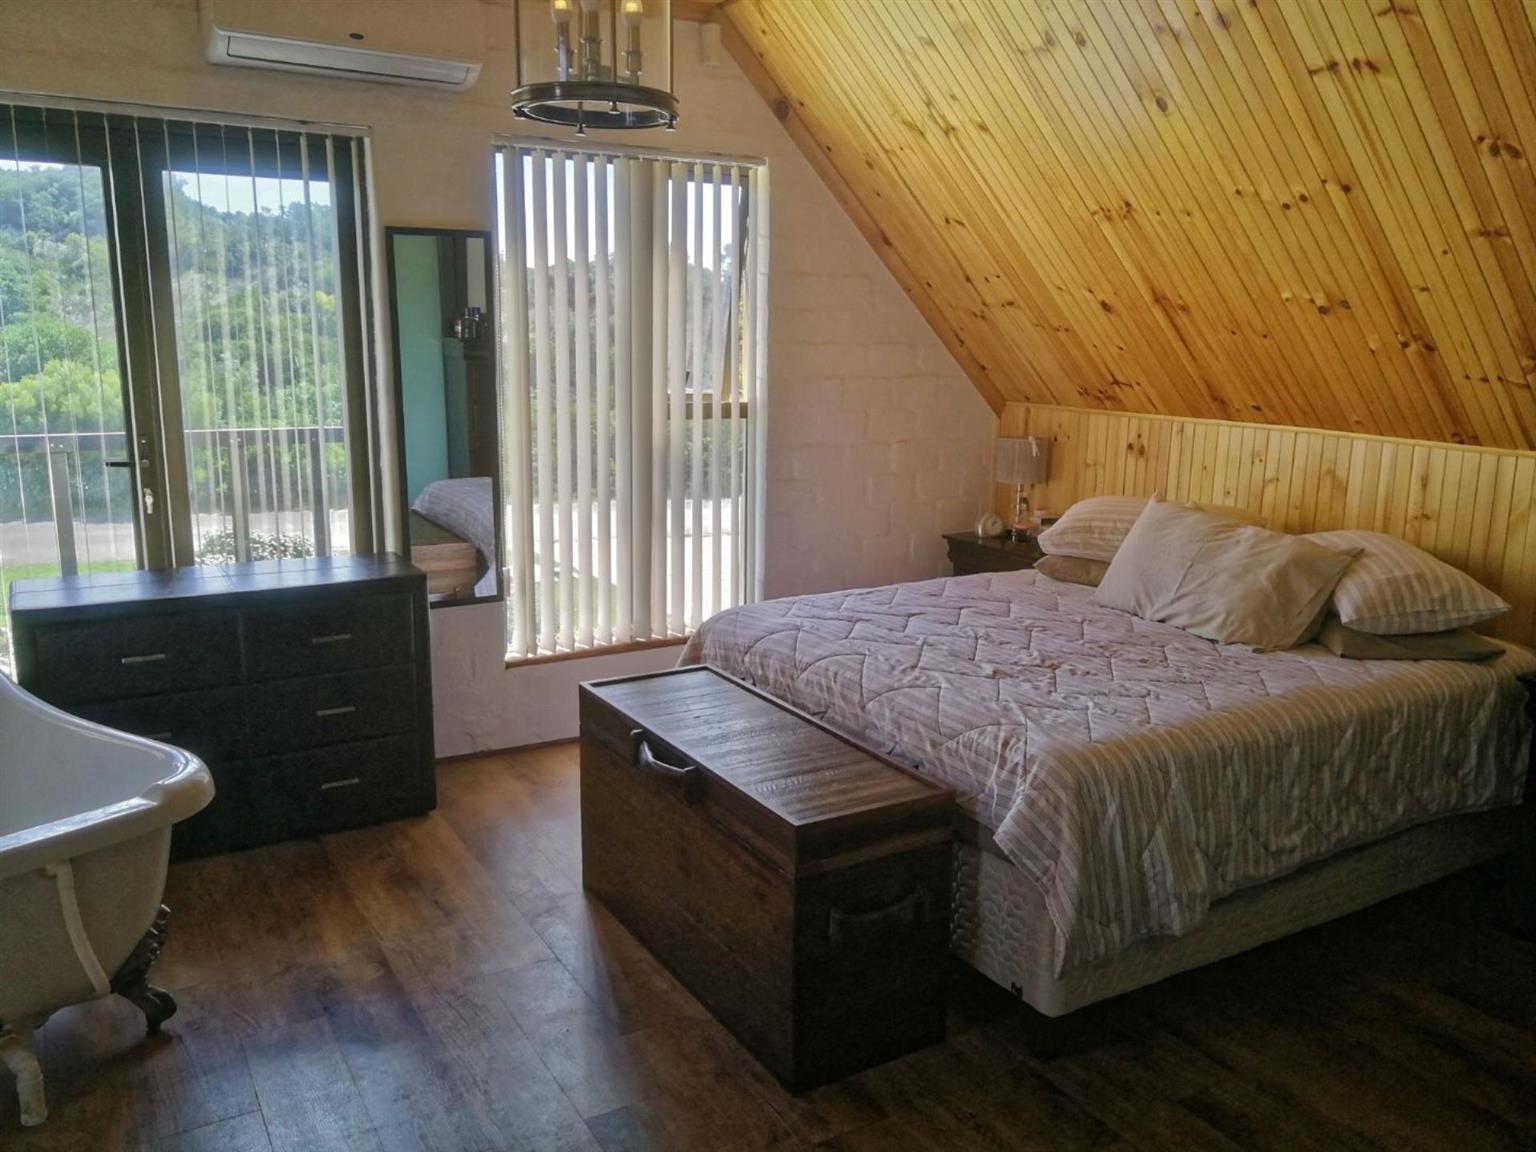 House For Sale in PRINGLE BAY